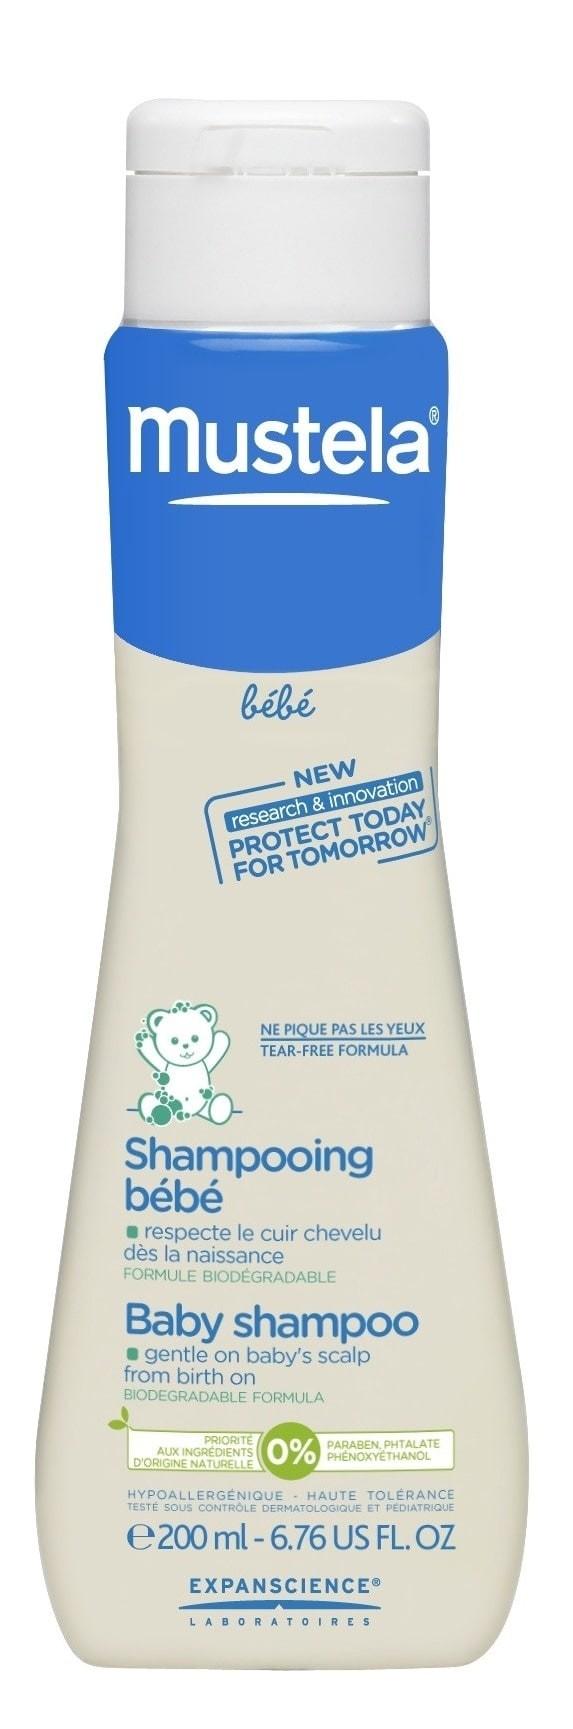 harga Mustela baby shampoo 200ml / mustela / shampoo bayi / shampo Tokopedia.com